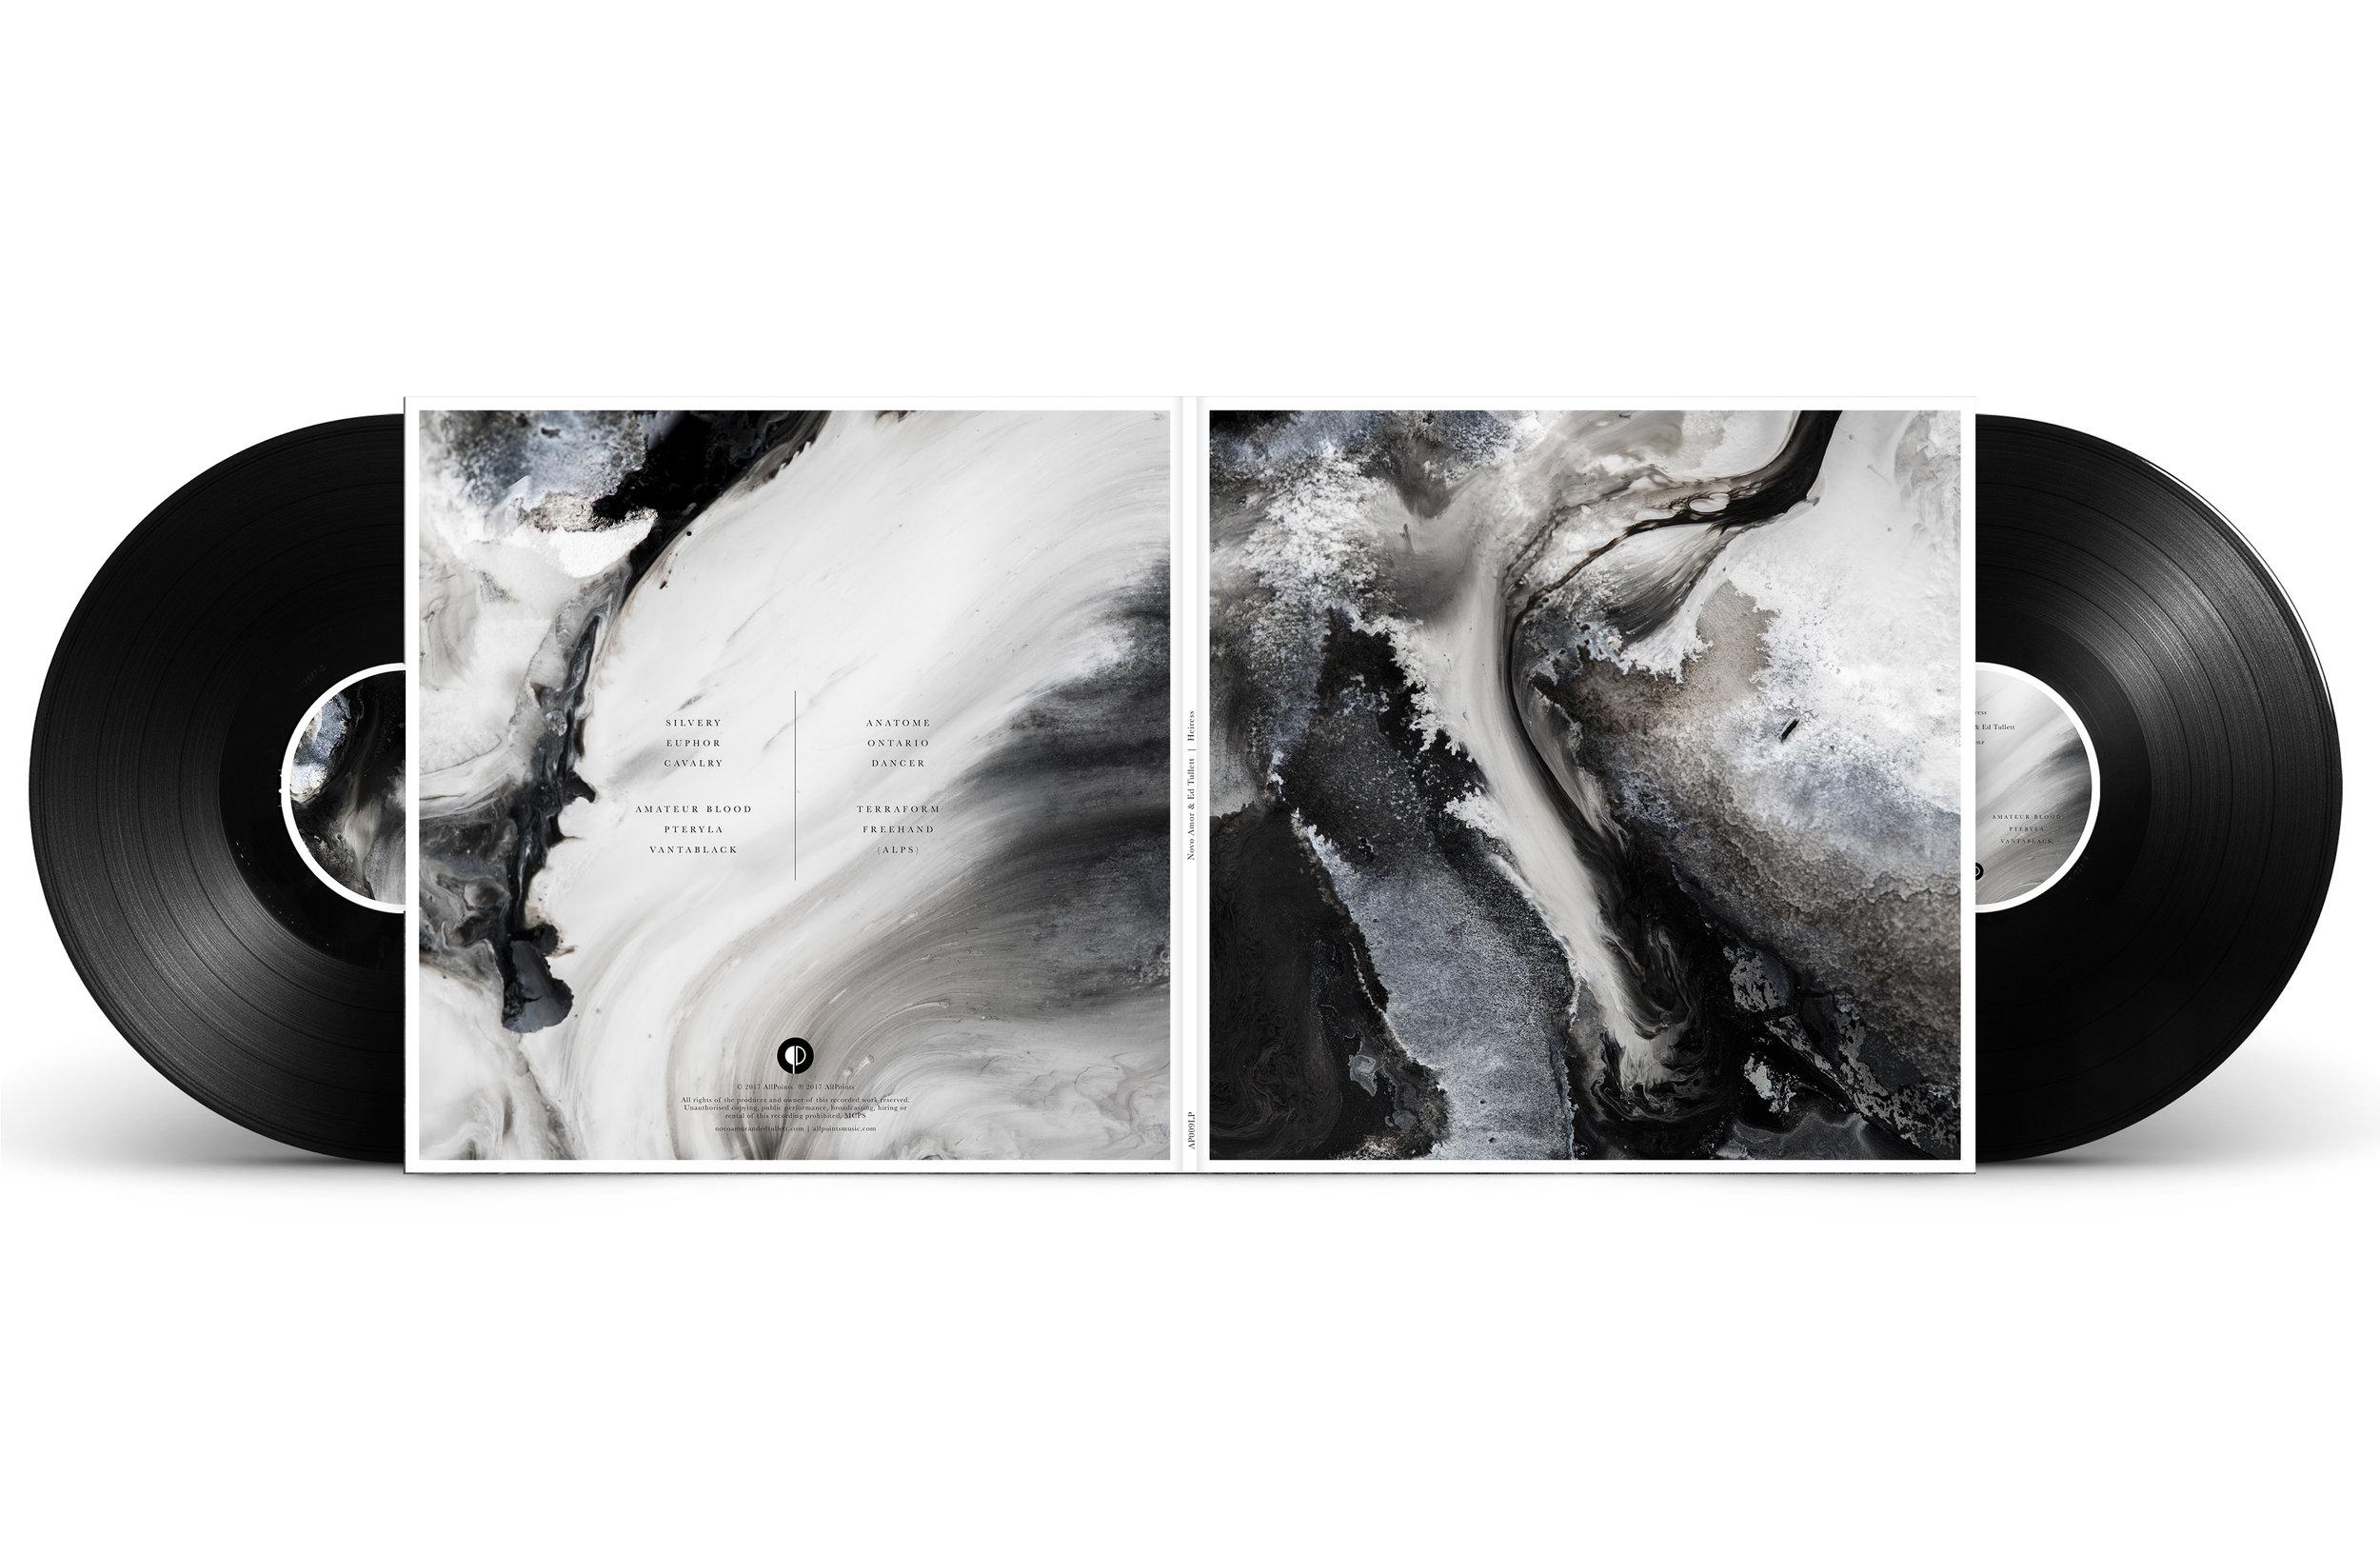 NAxET_Heiress_Vinyl_Mockup_Outer_WithVinyl.jpg